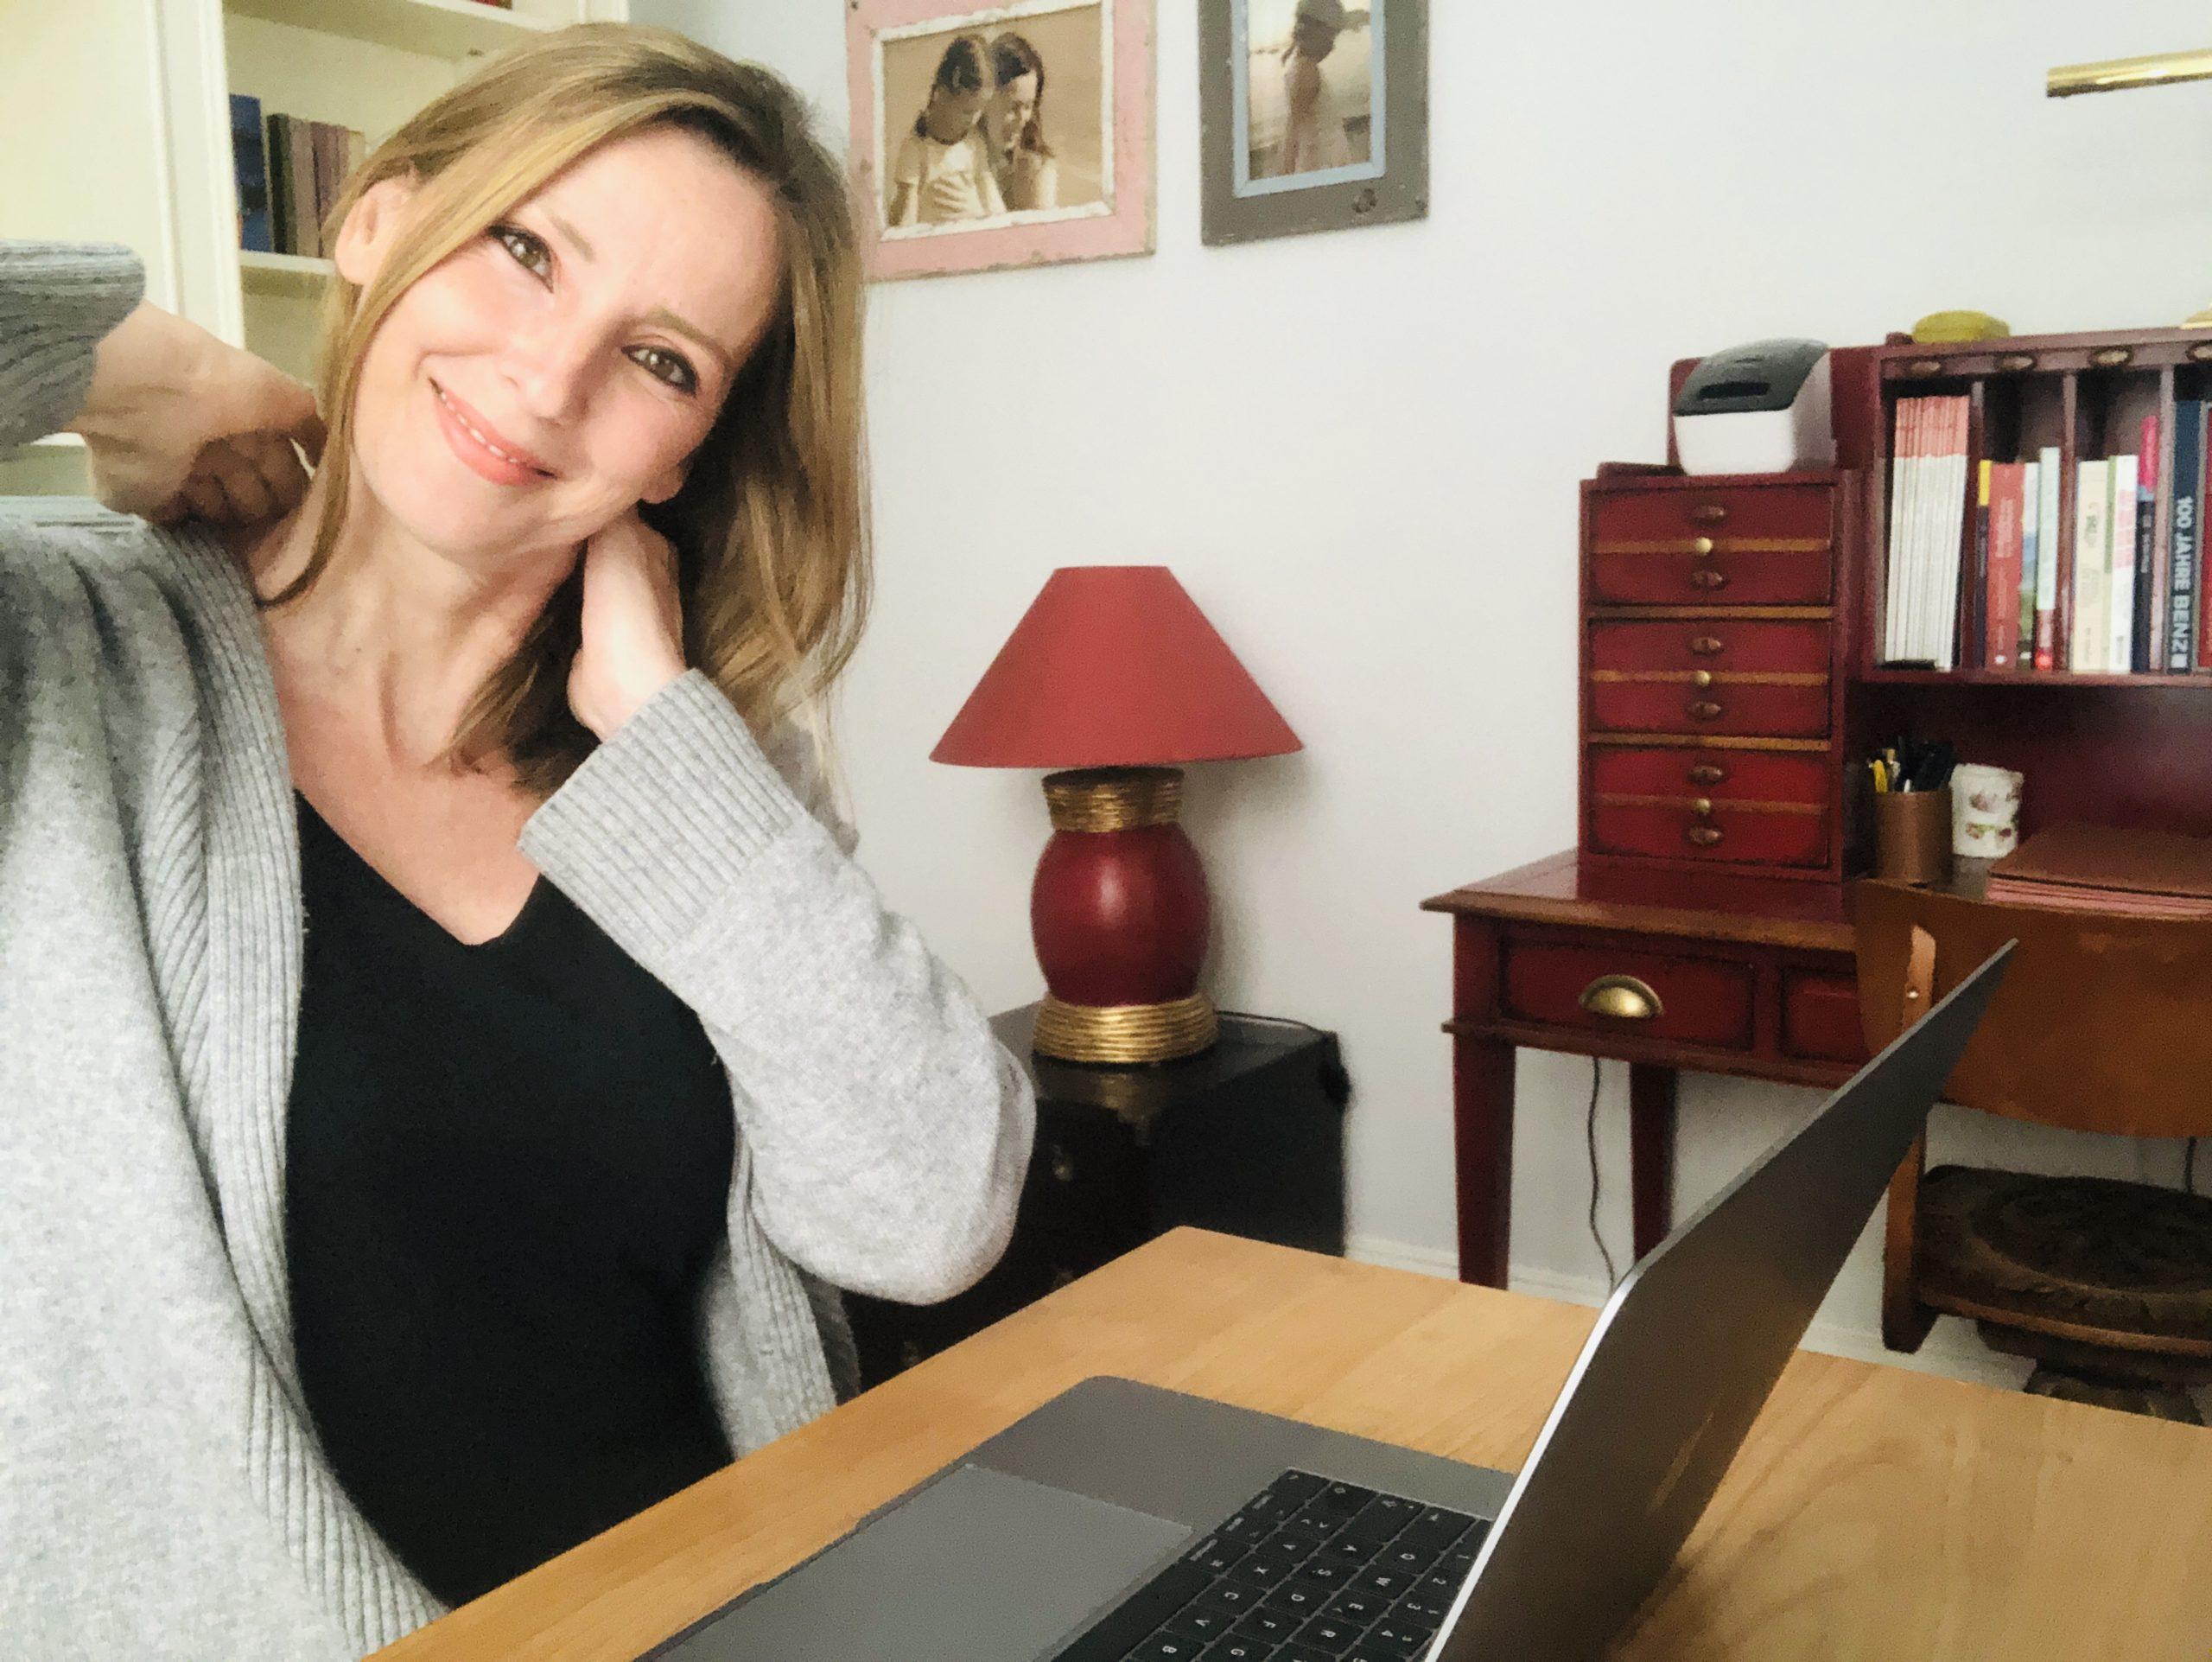 Moderatorin Kristina zur Mühlen im Homeoffice